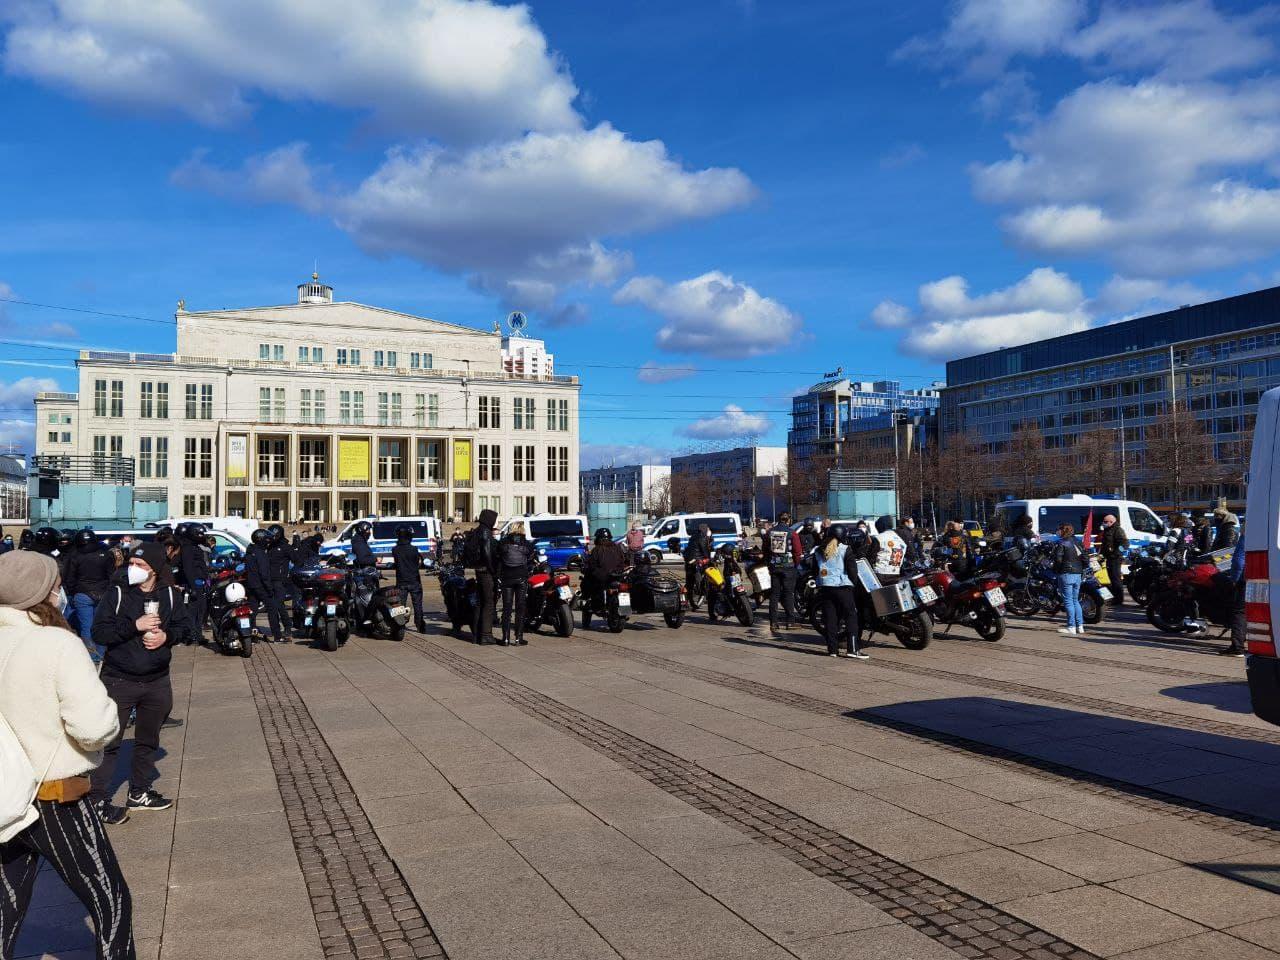 Während Kuhle Wampe schon da ist, macht sich in Lindenau der Rad-Corso auf den Weg. Foto: Tilly Domian